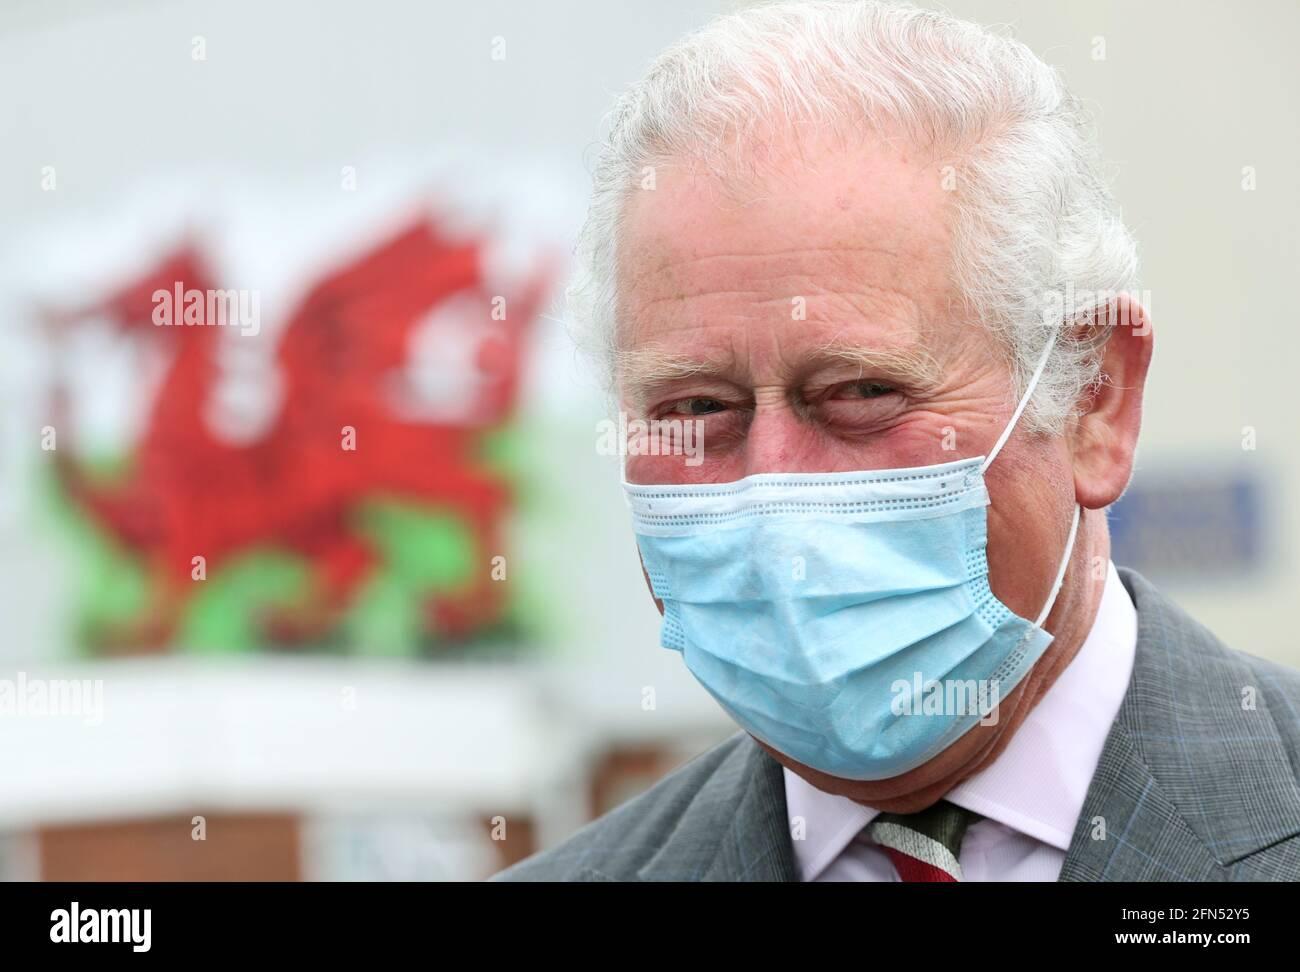 Der Prinz von Wales bei einem Besuch bei BCB International, einem Anbieter von Schutz-, Medizin- und Verteidigungsausrüstung, in Cardiff. Bilddatum: Freitag, 14. Mai 2021. Stockfoto